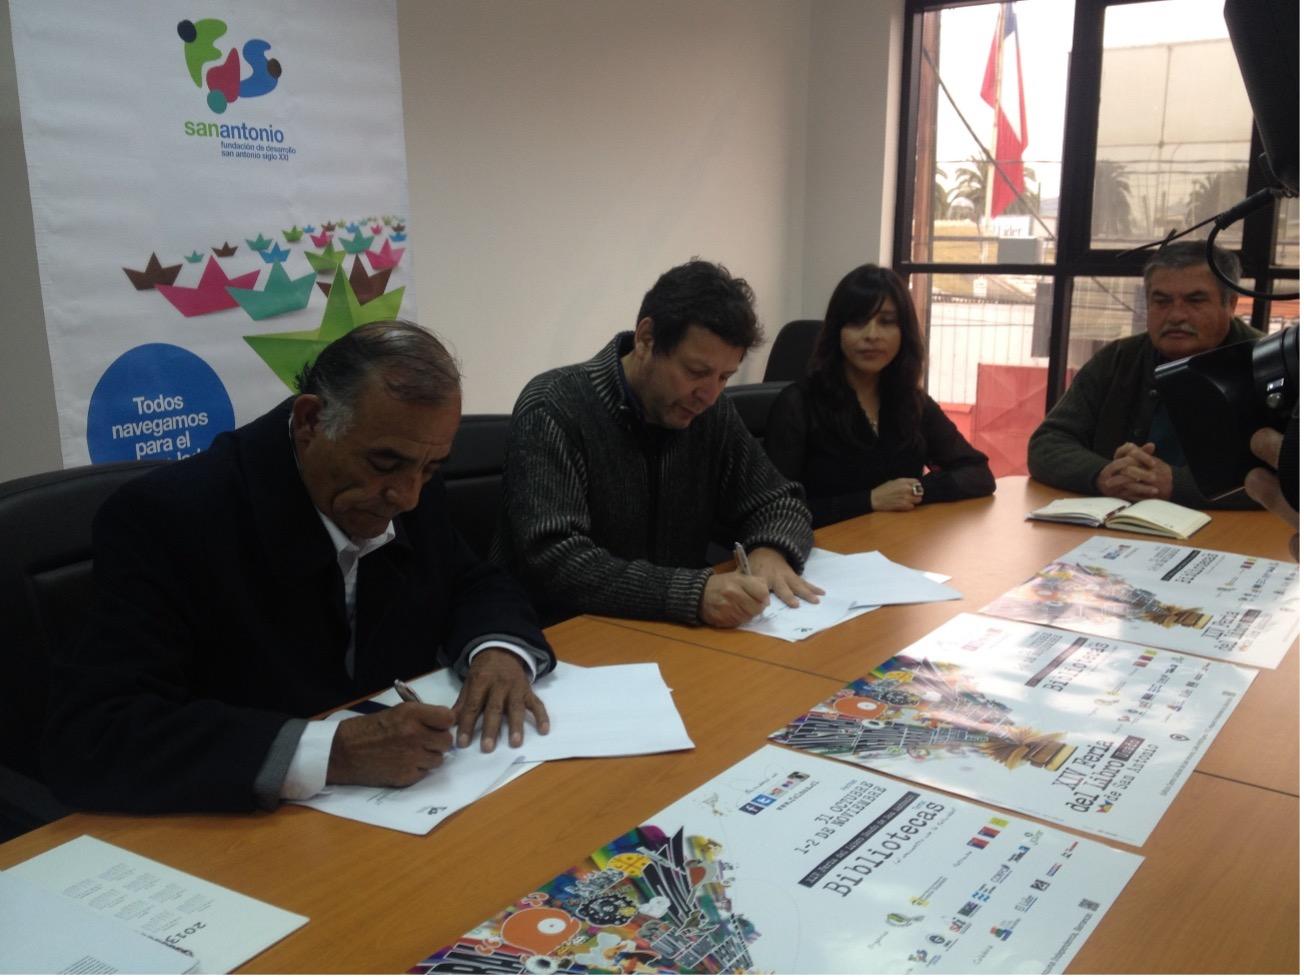 Fundación de Desarrollo San Antonio siglo XXI, entregó aportes para realización de Feria del Libro Usado de San Antonio